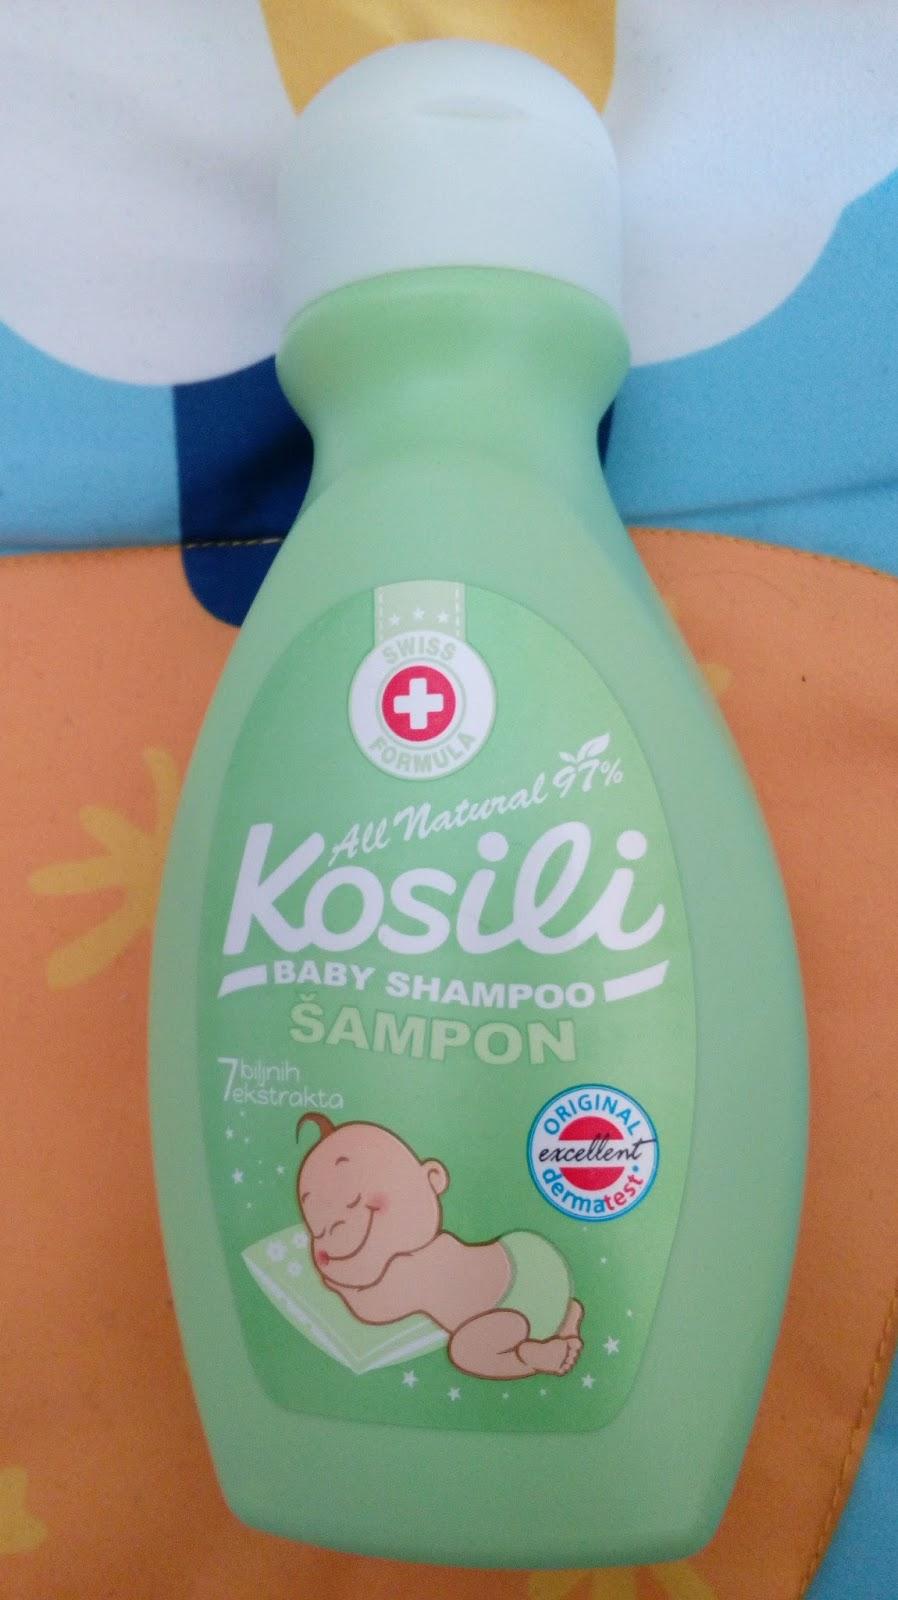 68d4bdf0476 Kosili all natural šampon čisti kosu i olakšava češljanje dajući joj mekoću  i sjaj. Sadrži biljne ekstrakte komorača